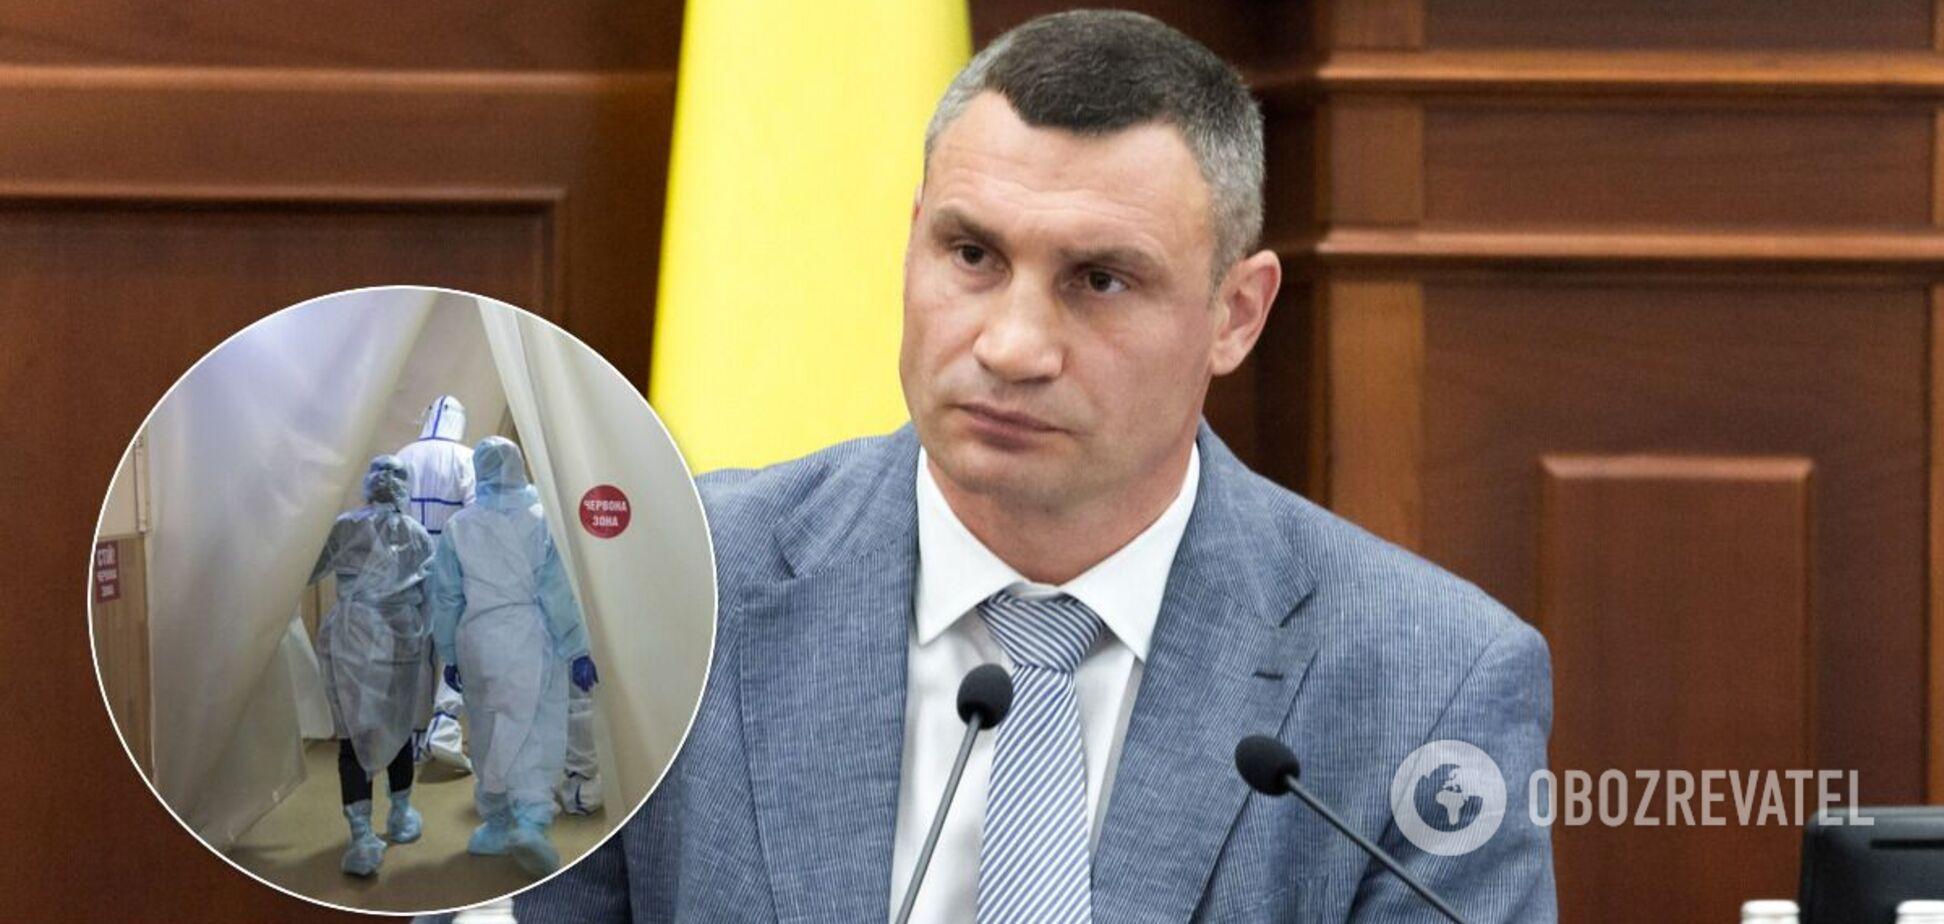 Кличко проверил больницу для COVID-19 в Киеве: все кровати – заполнены